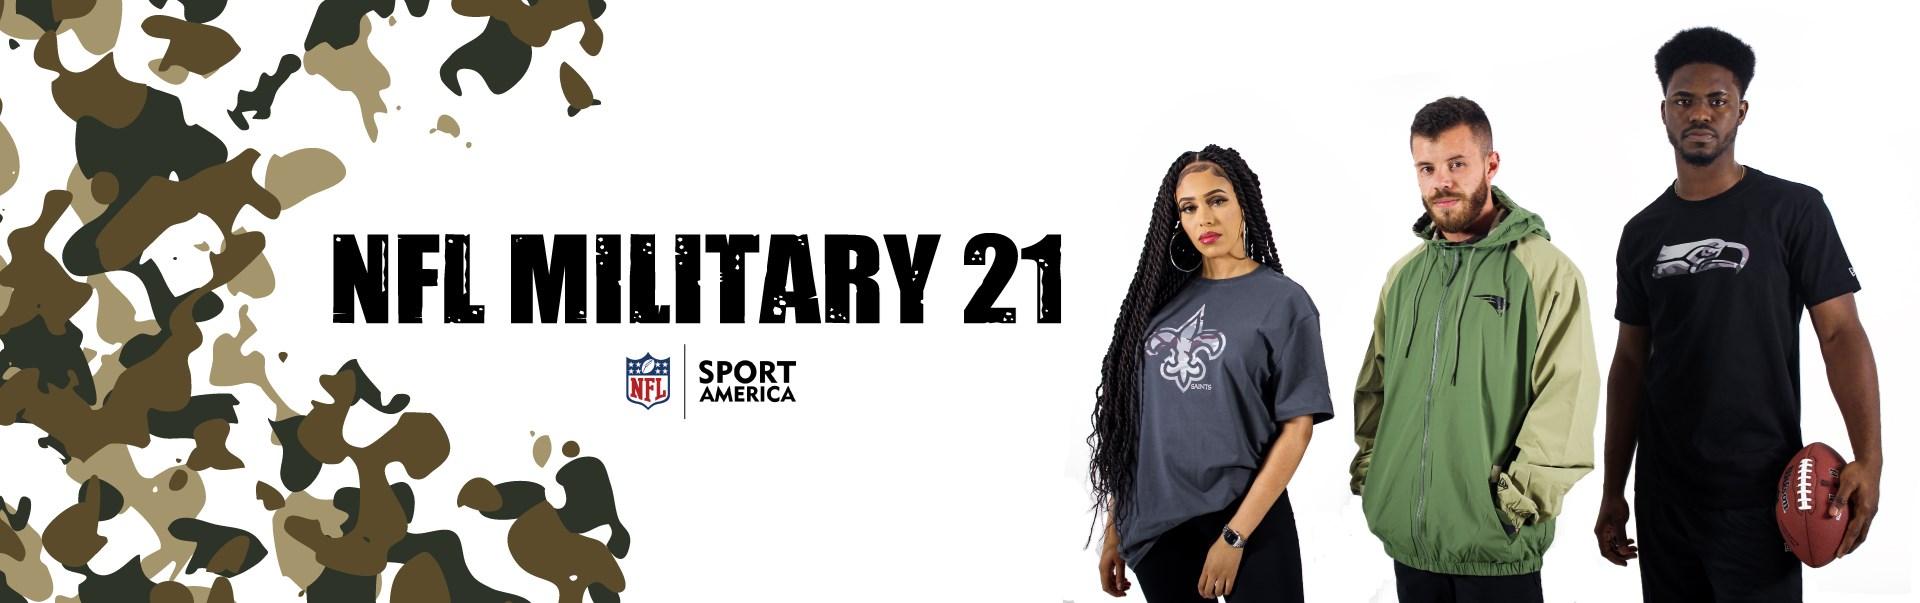 Coleção Military